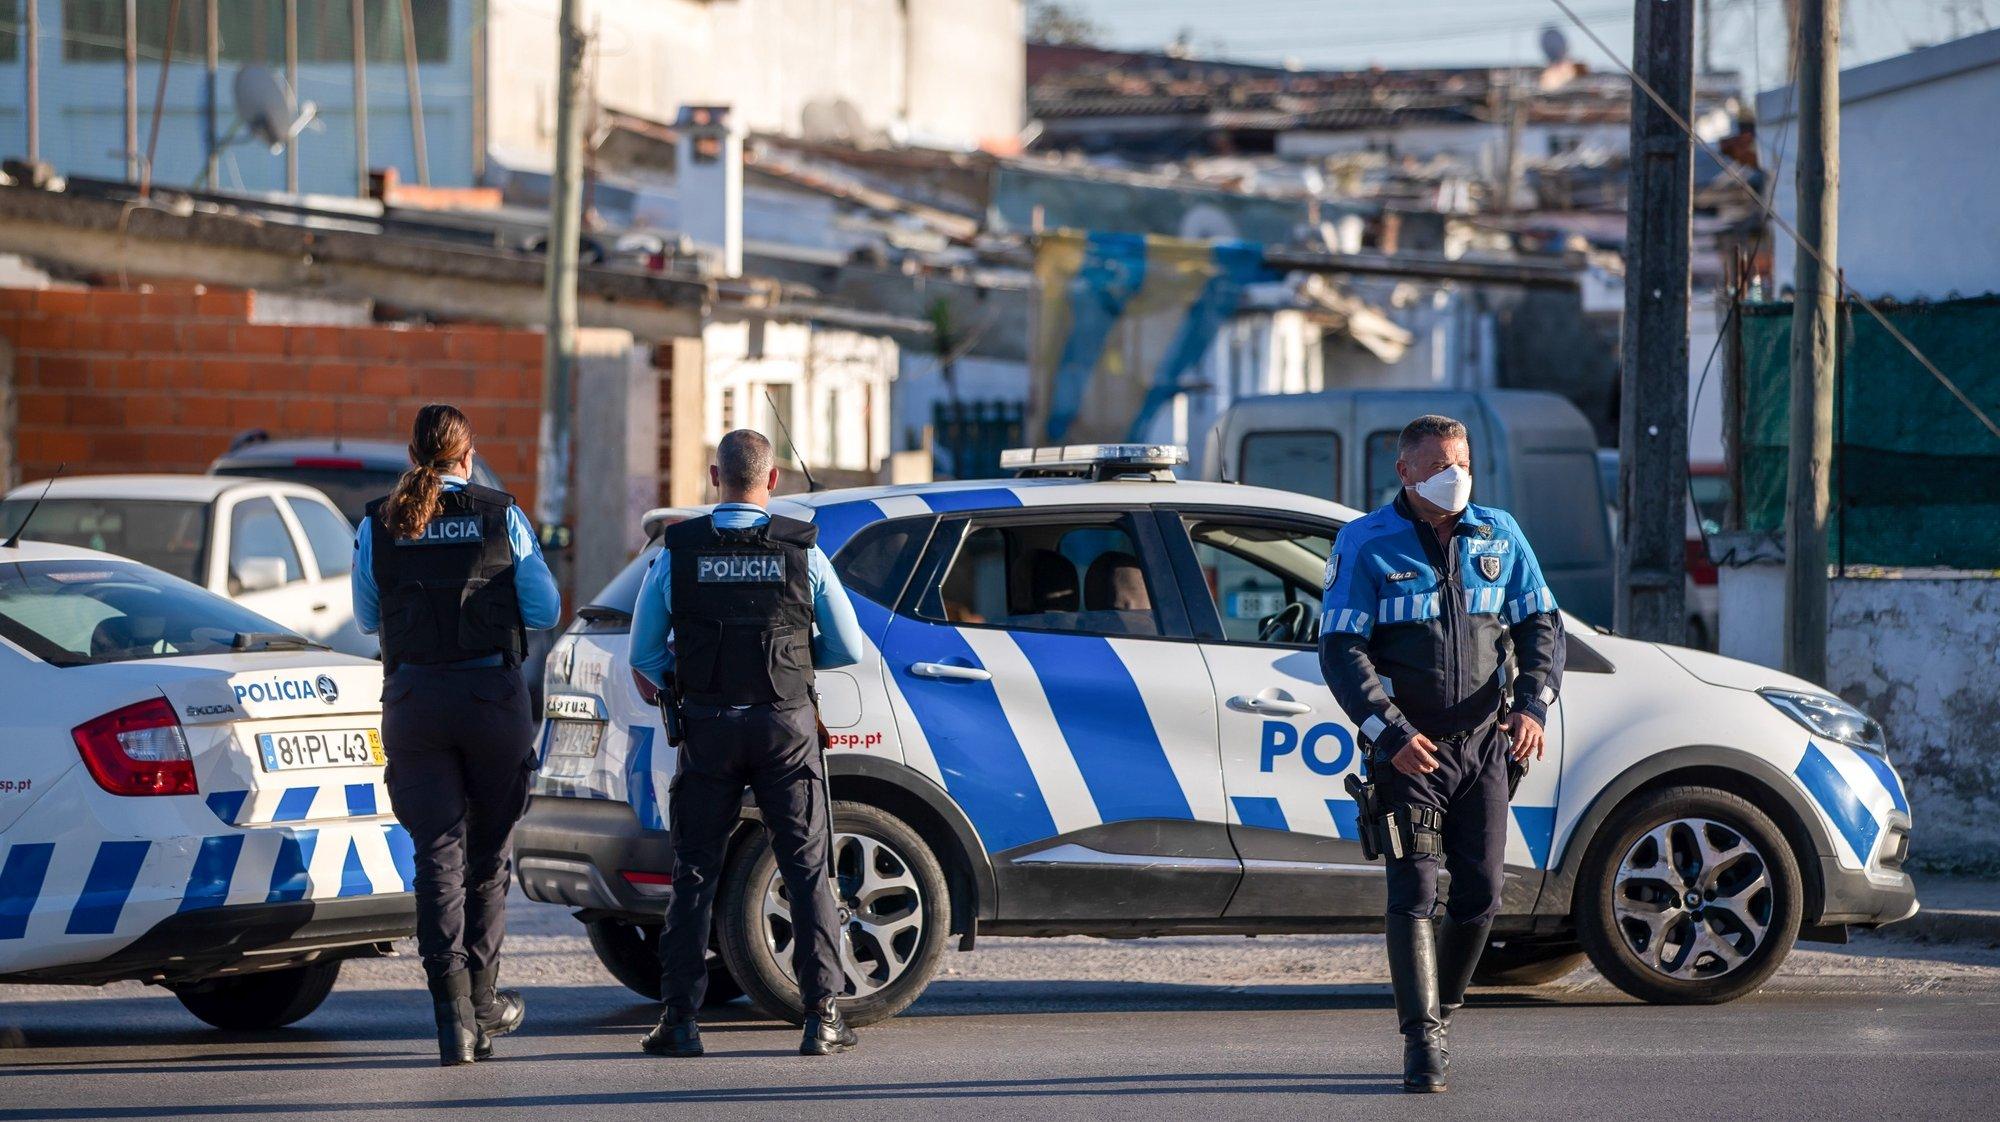 Elementos da Polícia de Segurança Pública (PSP) bloqueiam a estrada para o Bairro da Quinta das Lagoas, em Santa Marta de Corroios, no Seixal, devido a um tumulto entre moradores após o qual a PSP foi recebida a tiro, no Seixal, 23  de março de 2021. JOSÉ SENA GOULÃO/LUSA